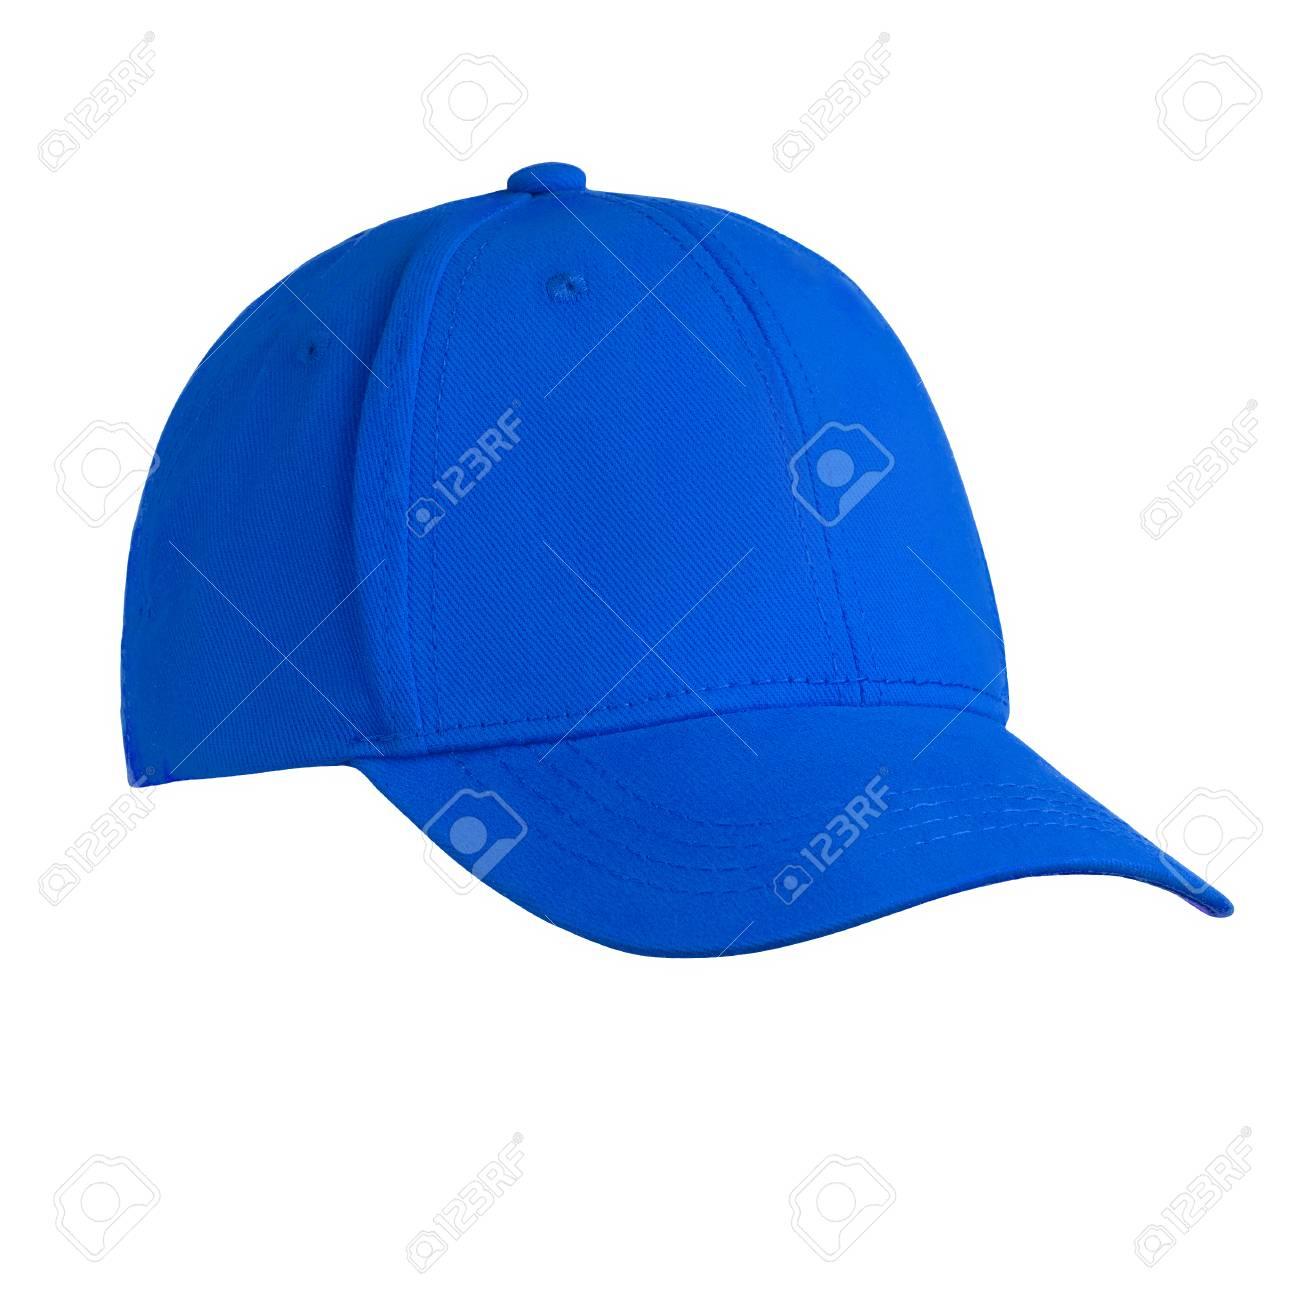 Foto de archivo - Plantilla para su diseño de gorra de béisbol azul en  blanco aislado sobre fondo blanco con trazado de recorte 4d189604c94